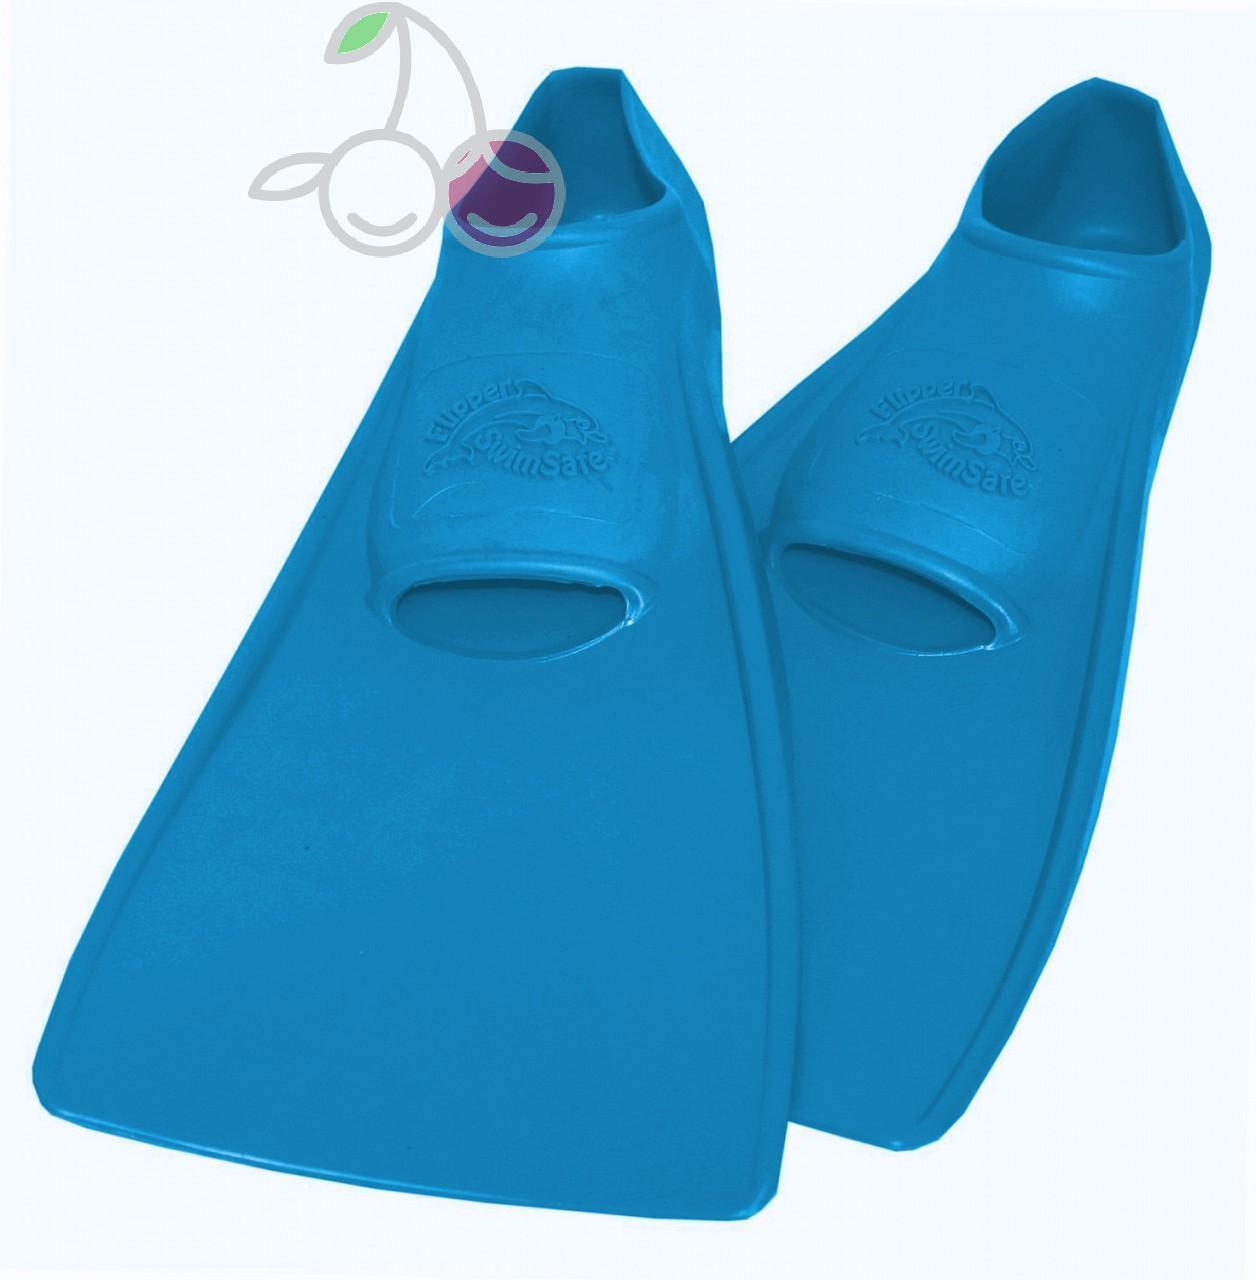 Ласты для бассейна резиновые детские размеры 23-24 синие ПРОПЕРКЭРРИ (ProperCarry), - фото 1